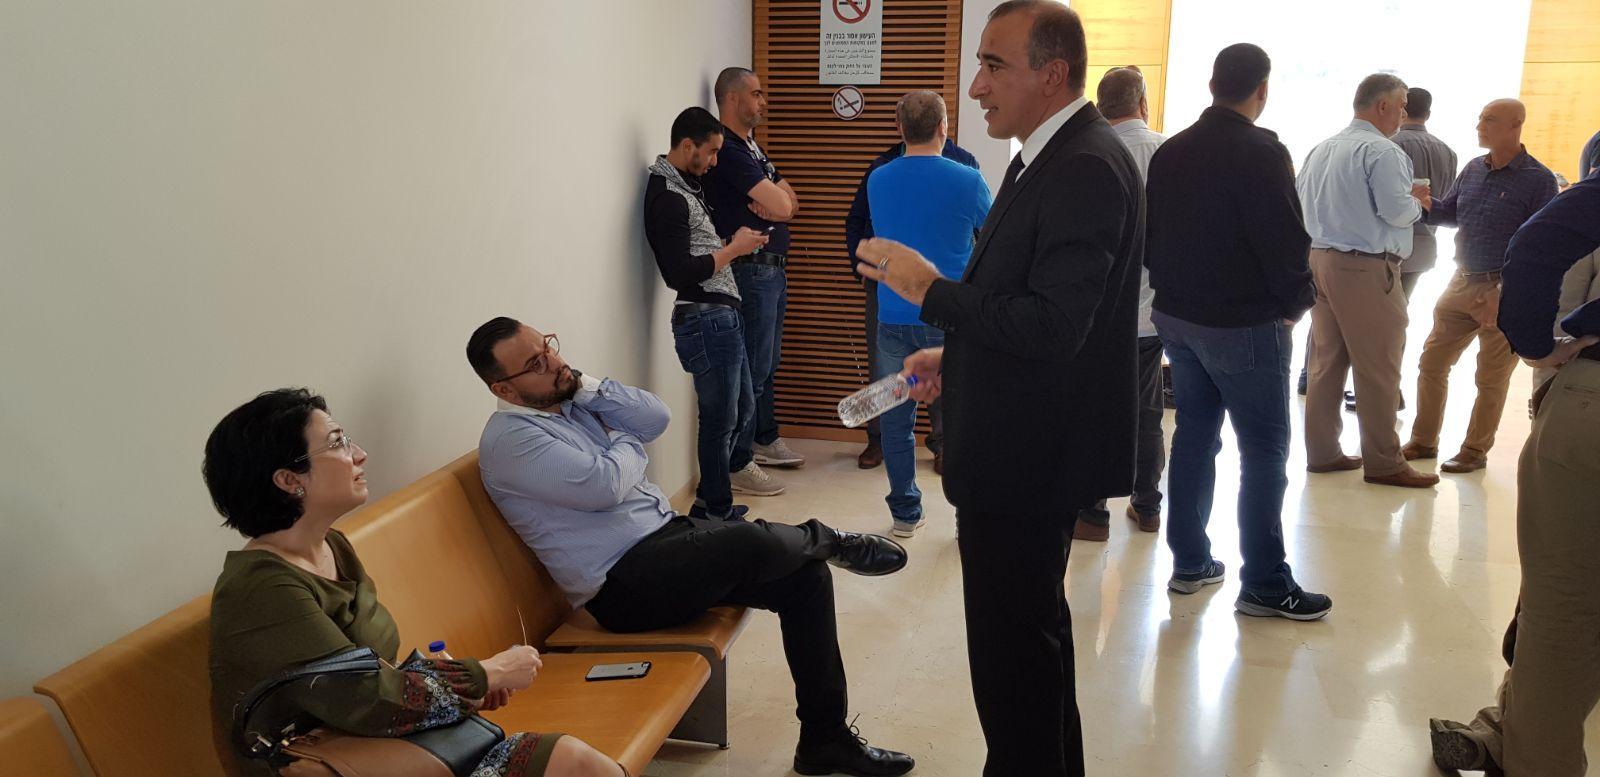 موافقة مبدئية على طلب إحالة الشيخ رائد صلاح للحبس المنزلي